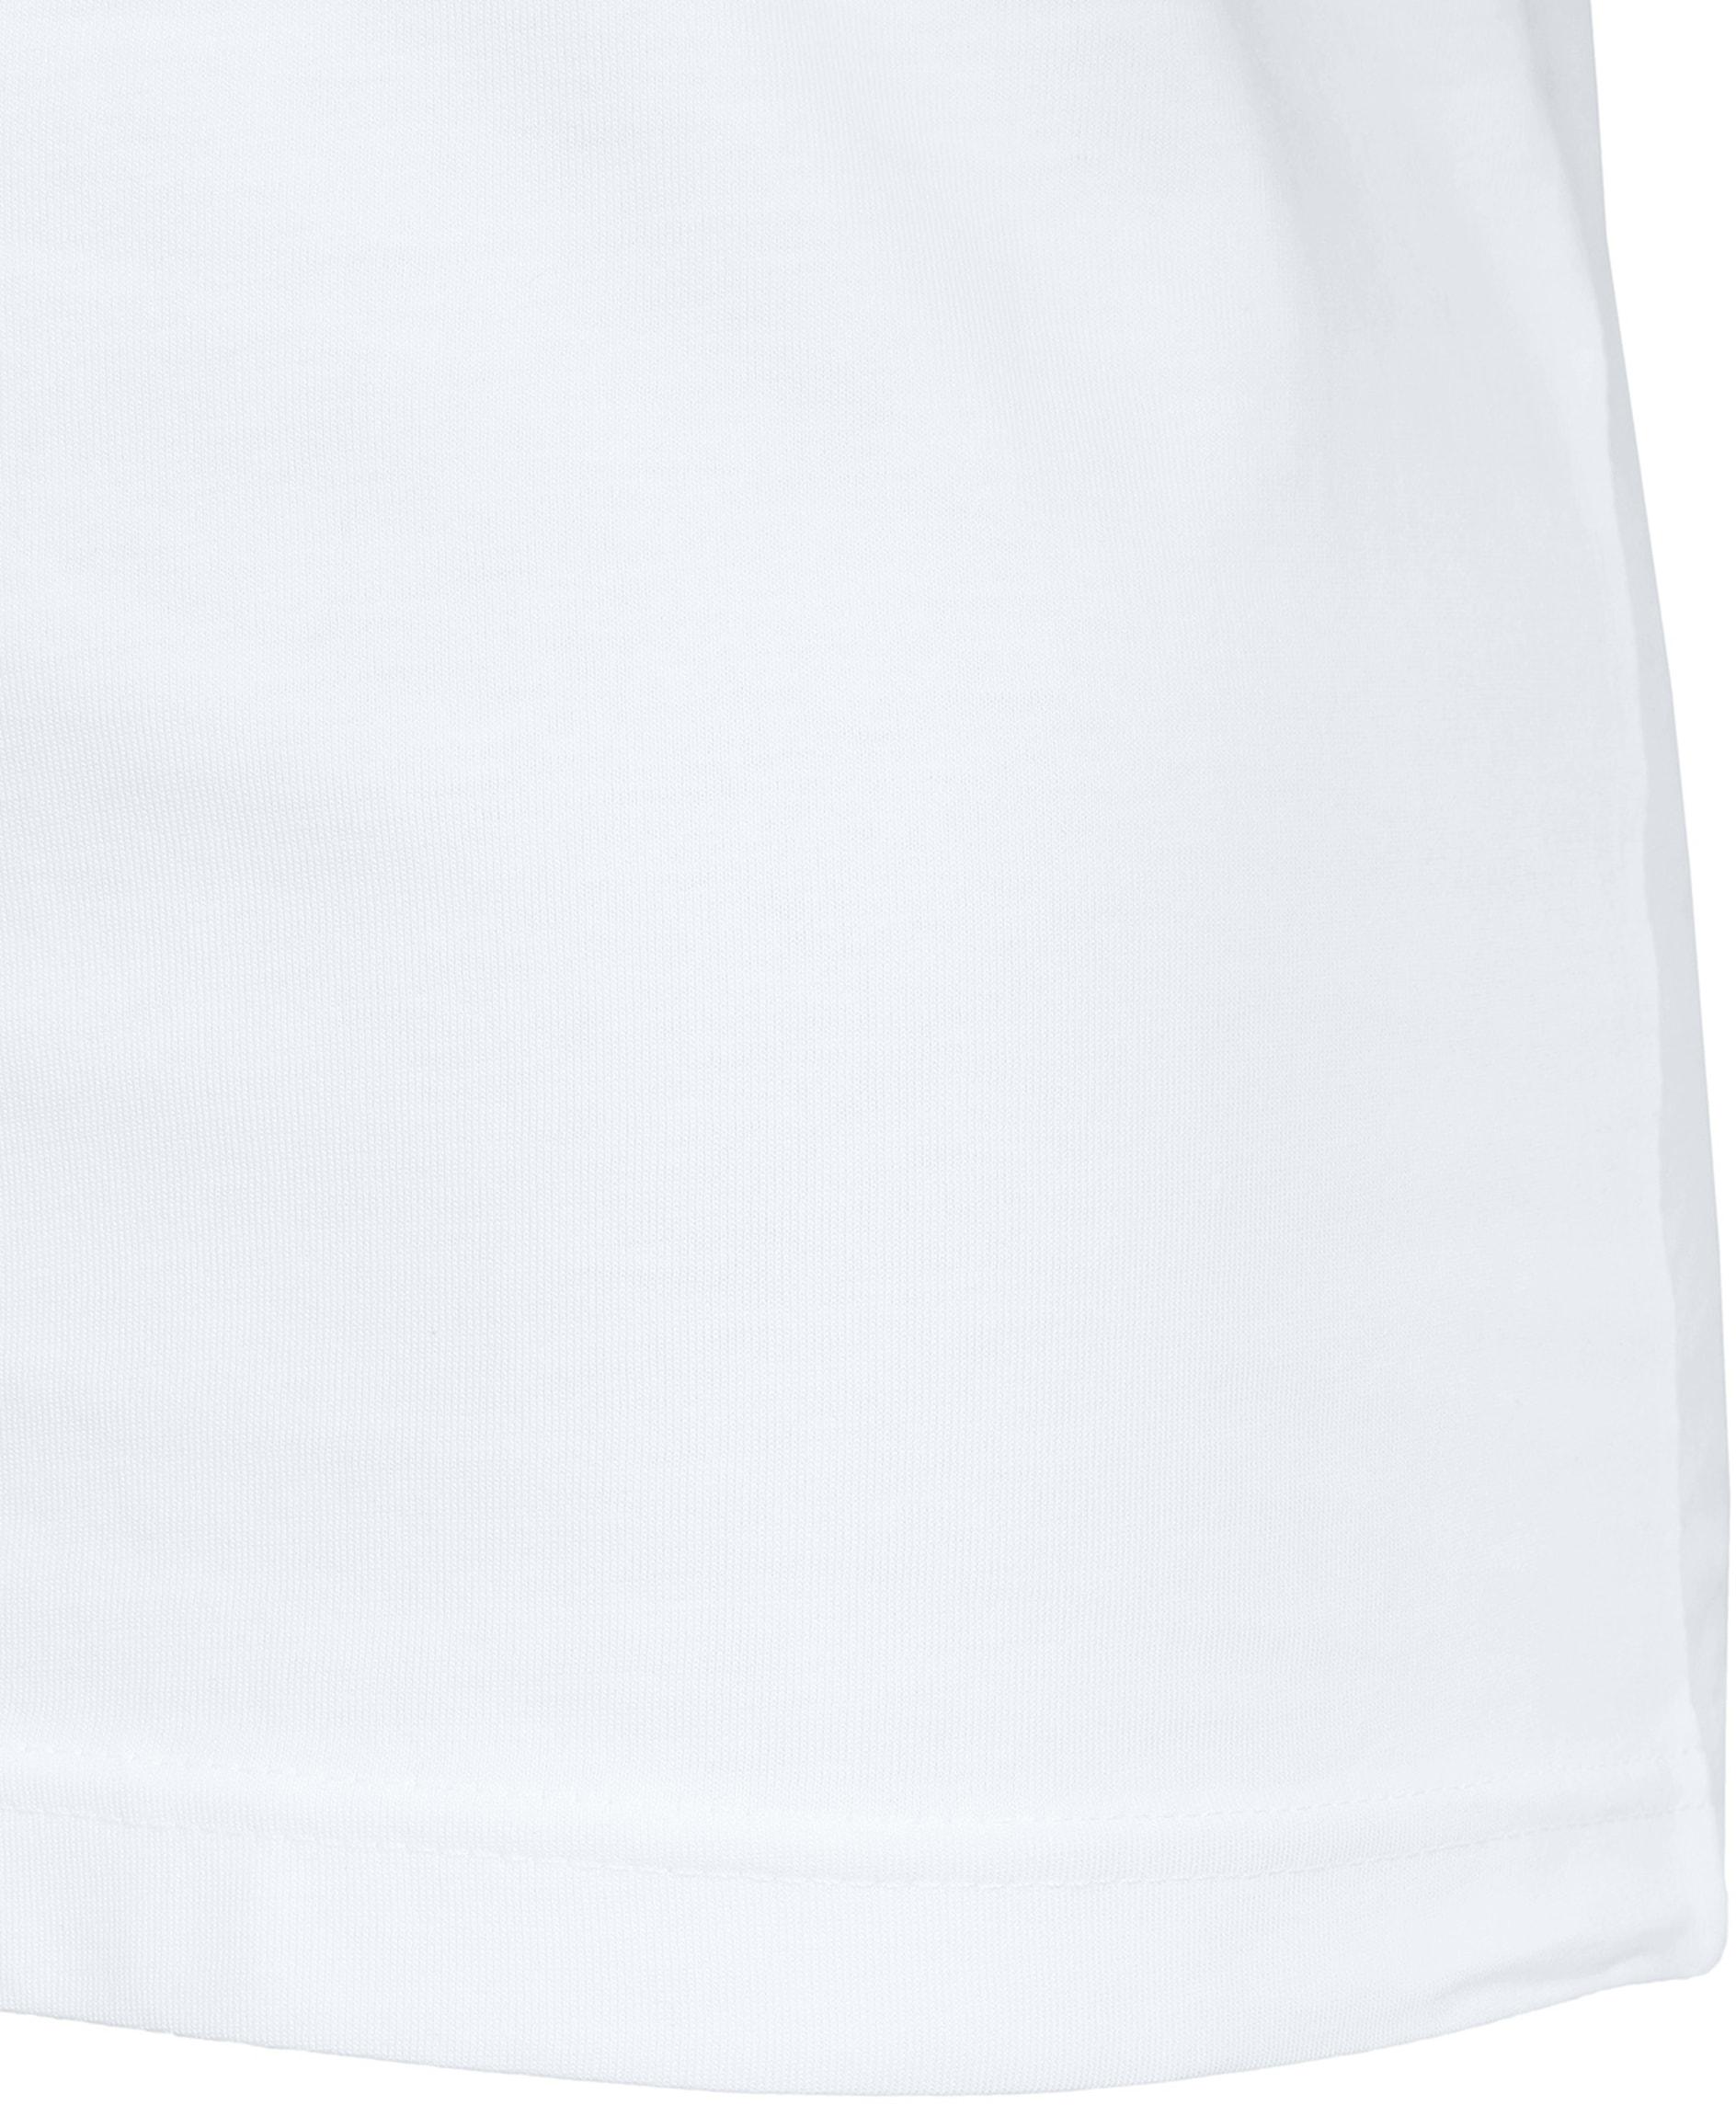 T-Shirt V-Ausschnitt 6-Pack (6 Stück) Weiß foto 4